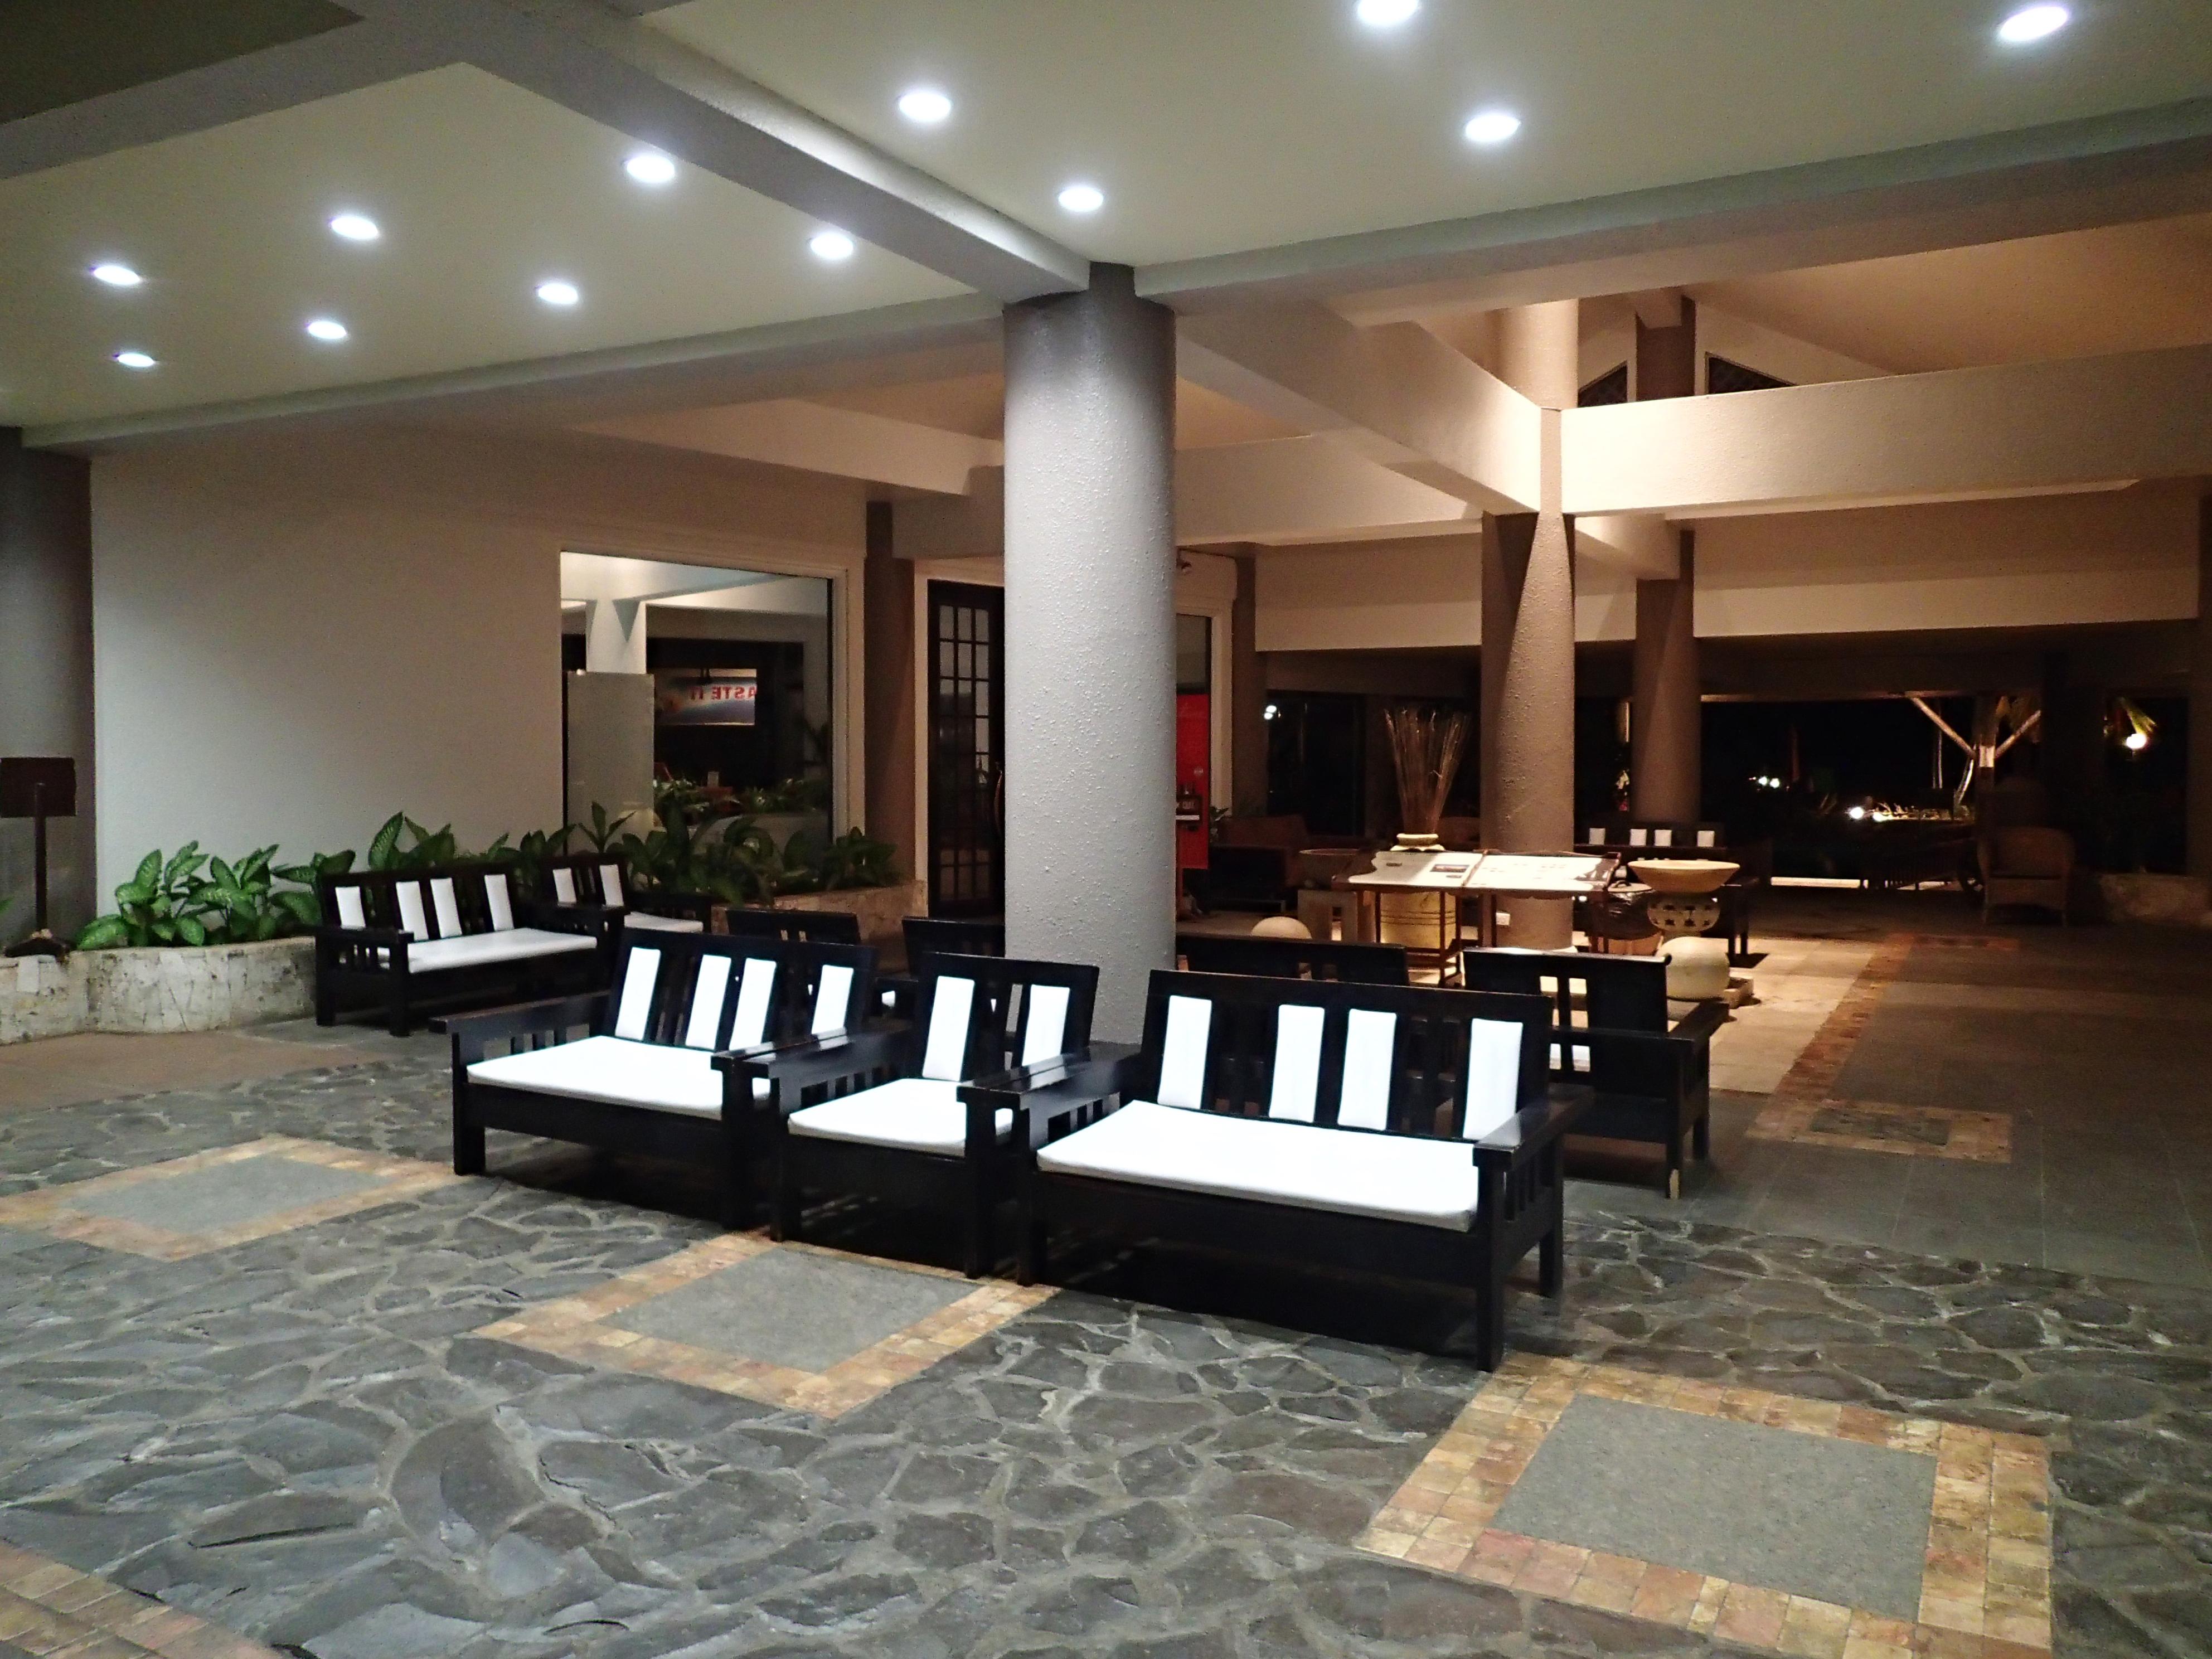 ホテルの送迎で深夜のロビーに到着。ISOオートで撮影したところ、広角端F2の明るさのおかげで、感度はISO640に抑えられている